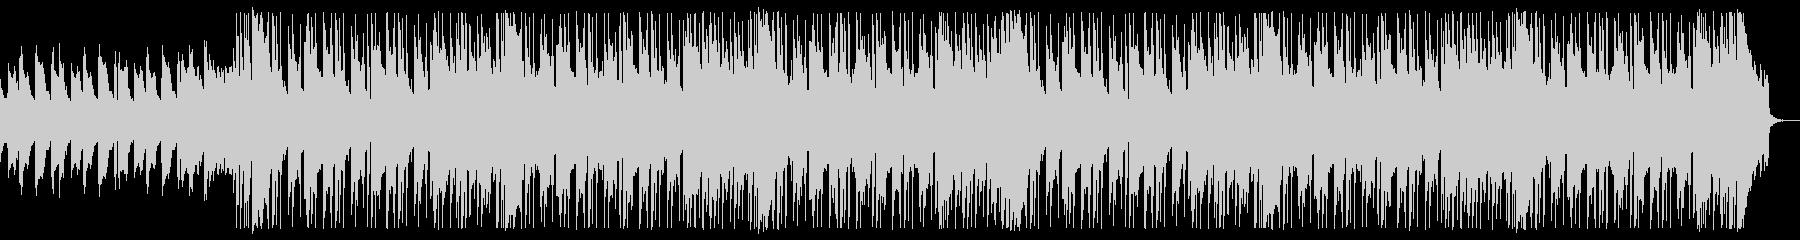 ピアノ中心の明るく爽やかなバンドBGMの未再生の波形